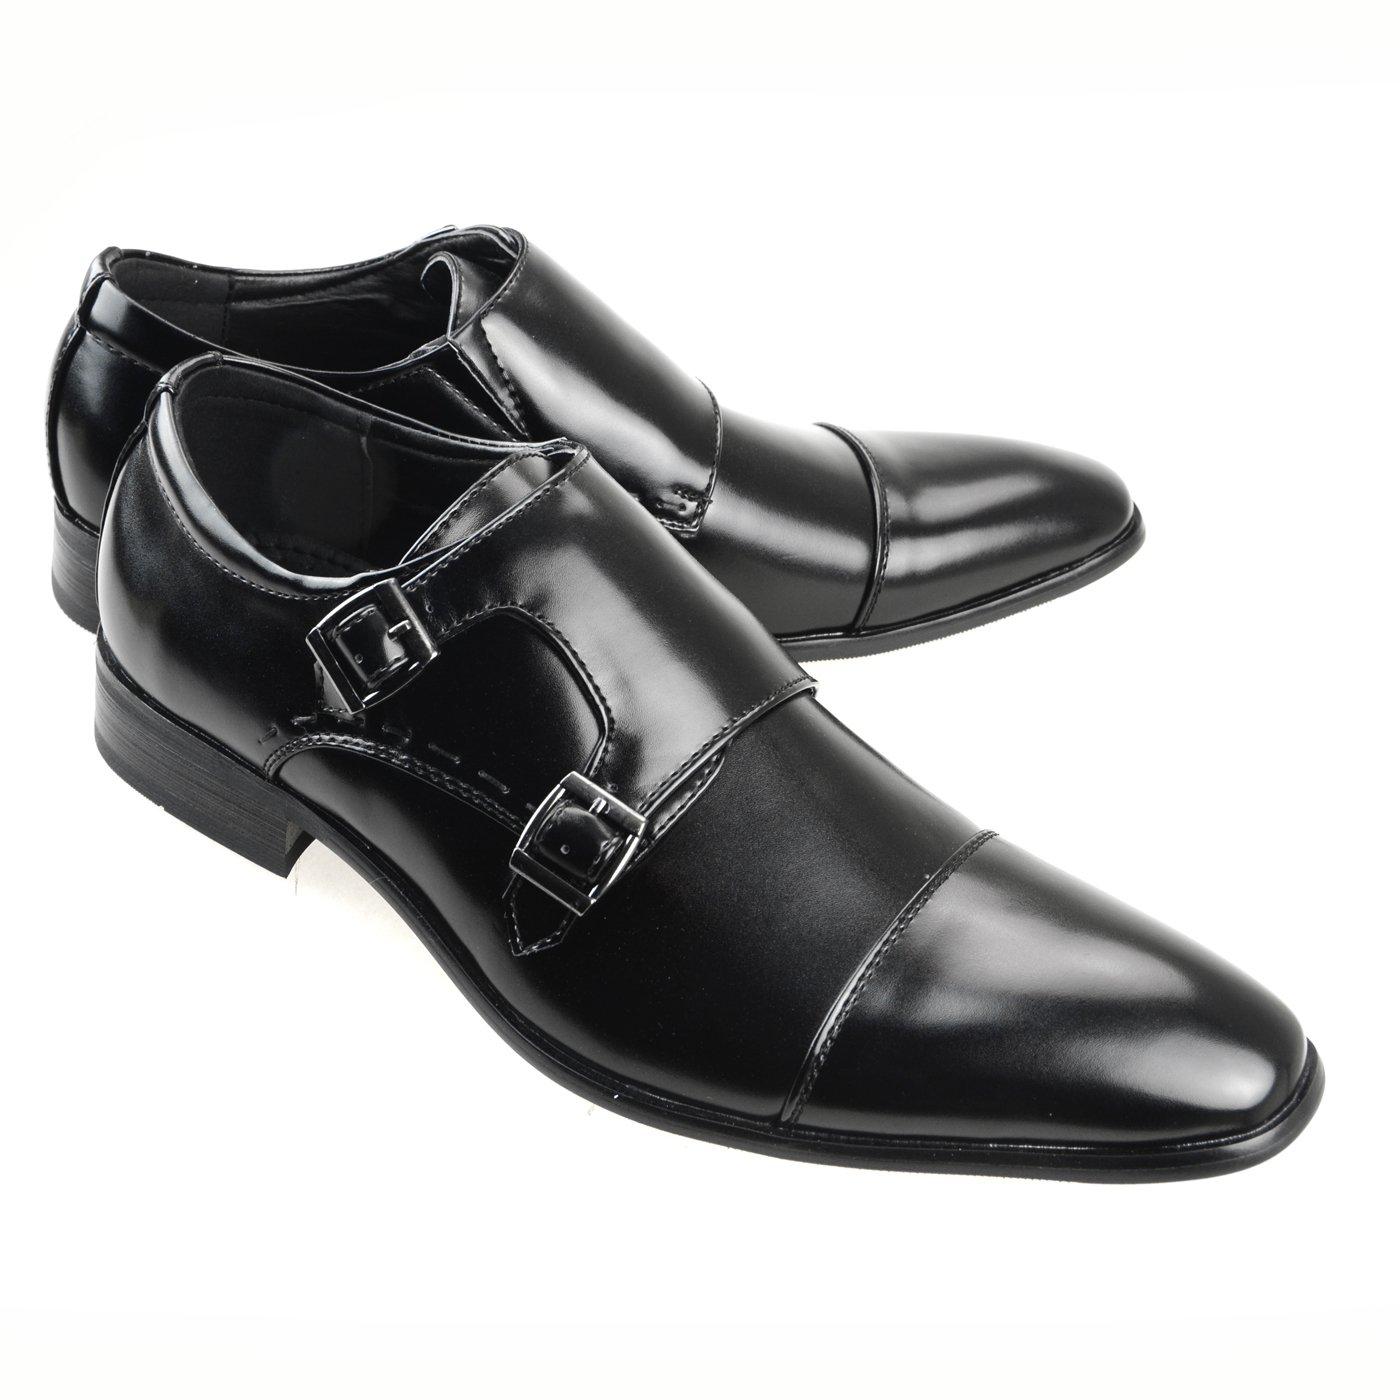 MM/ONE Oxford Men's Plain-Toe Side Shoes Black Dress Shoes Lace-up Monk Strap Mens Shoes Monk-Strap Plain Toe Slip-On Business Shoes Formal Straight Tip Loafe Black, 44 EU (US Men's 10.5 M)